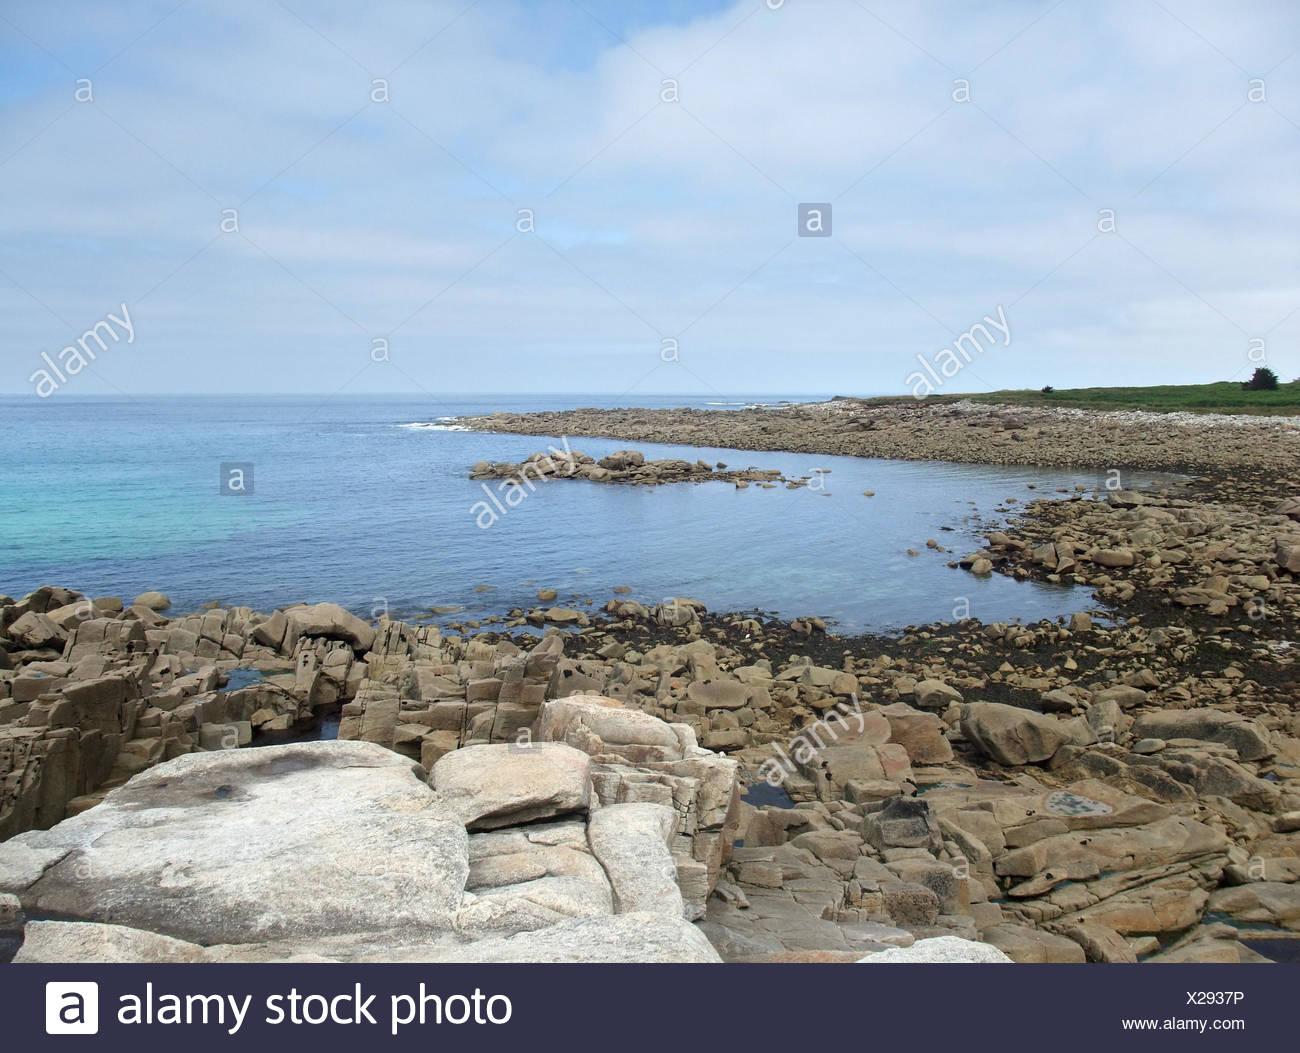 felsige Küstenlandschaft in der Nähe von den sieben Inseln in der Bretagne, Frankreich Stockbild